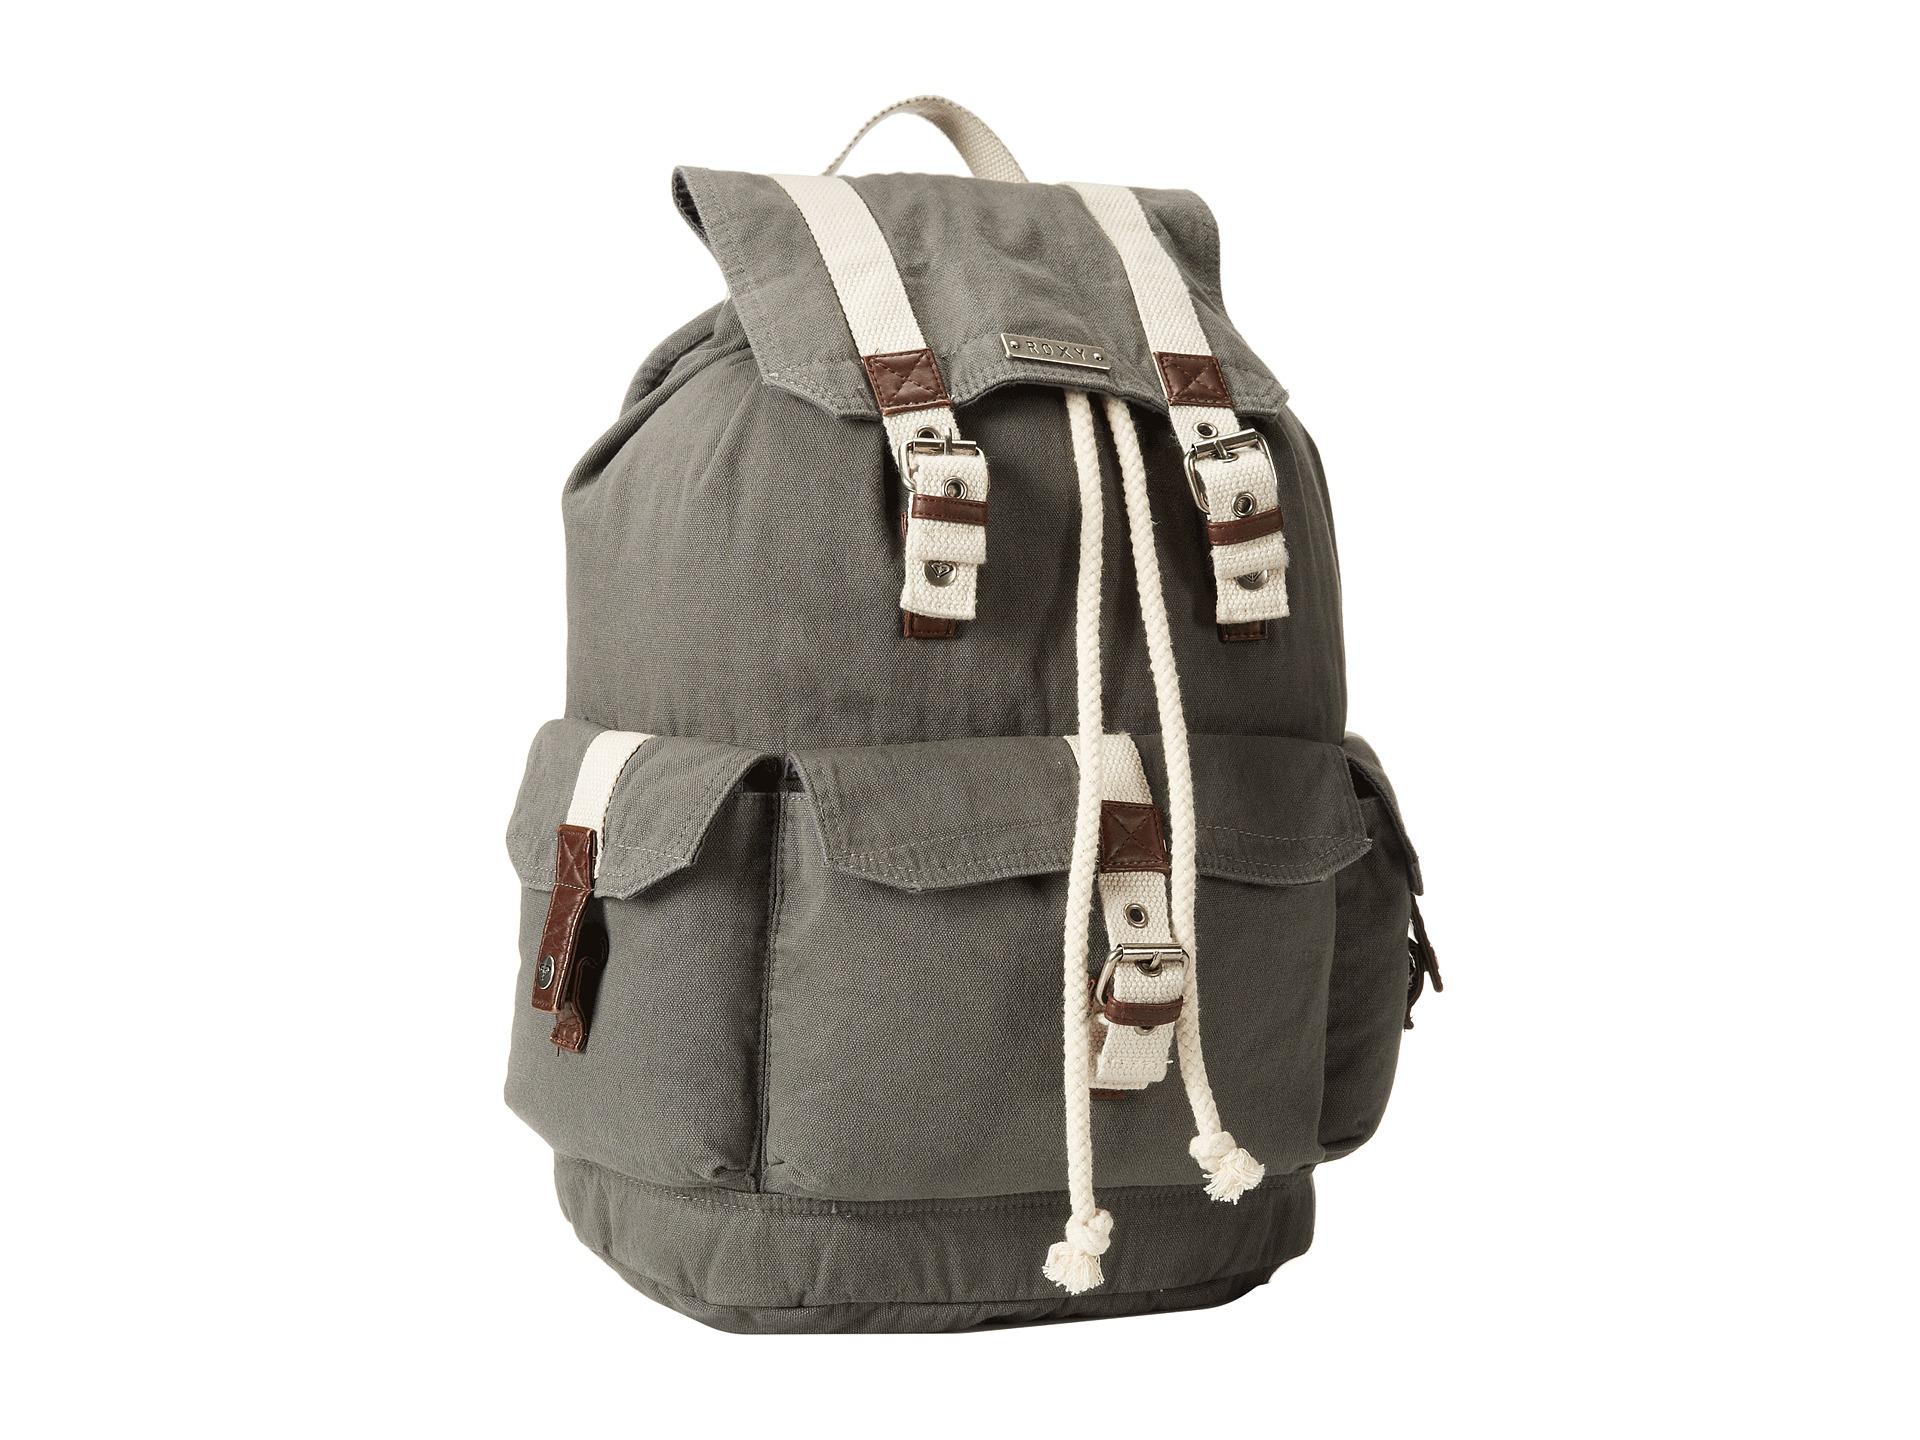 Lyst - Roxy Ramble Backpack in Gray